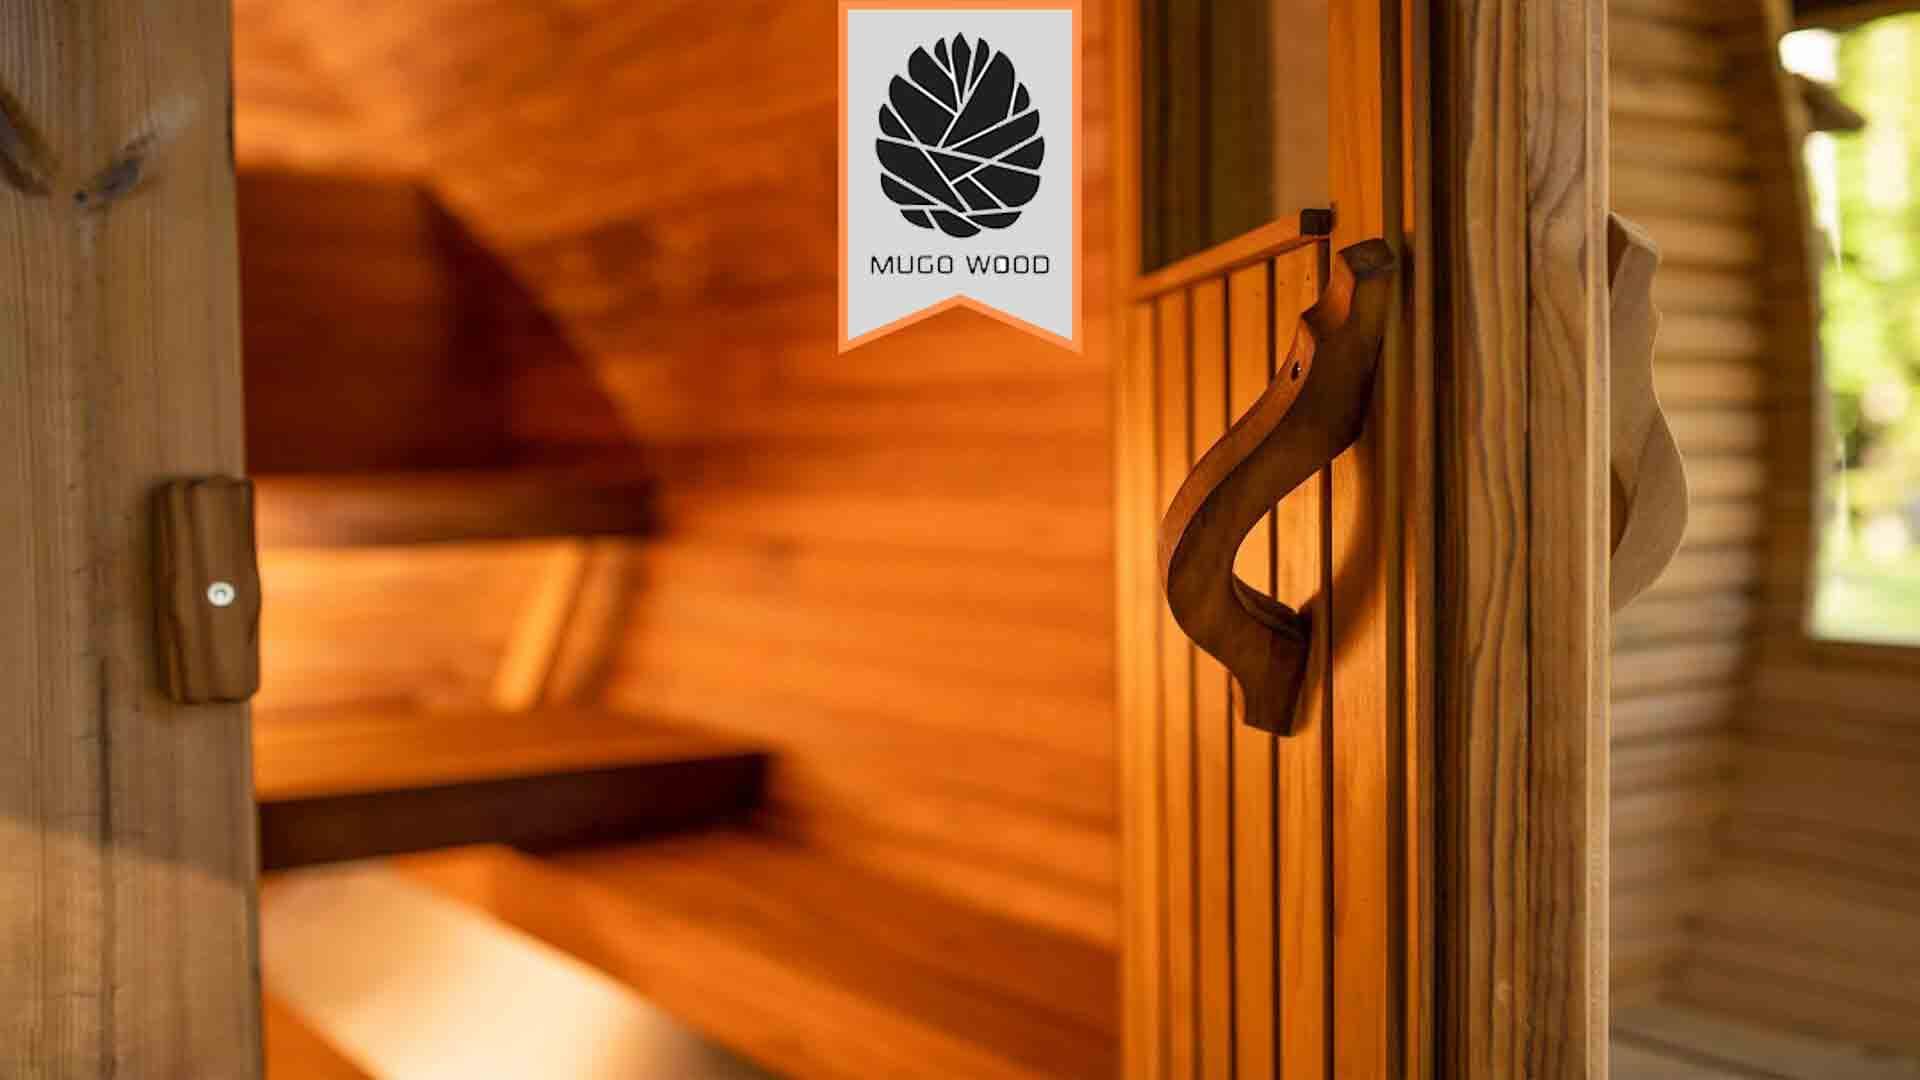 خرید ترموود ایرانی - خرید ترموود ایرانی - فروش چوب ترموود - قیمت هر متر مربع ترموود